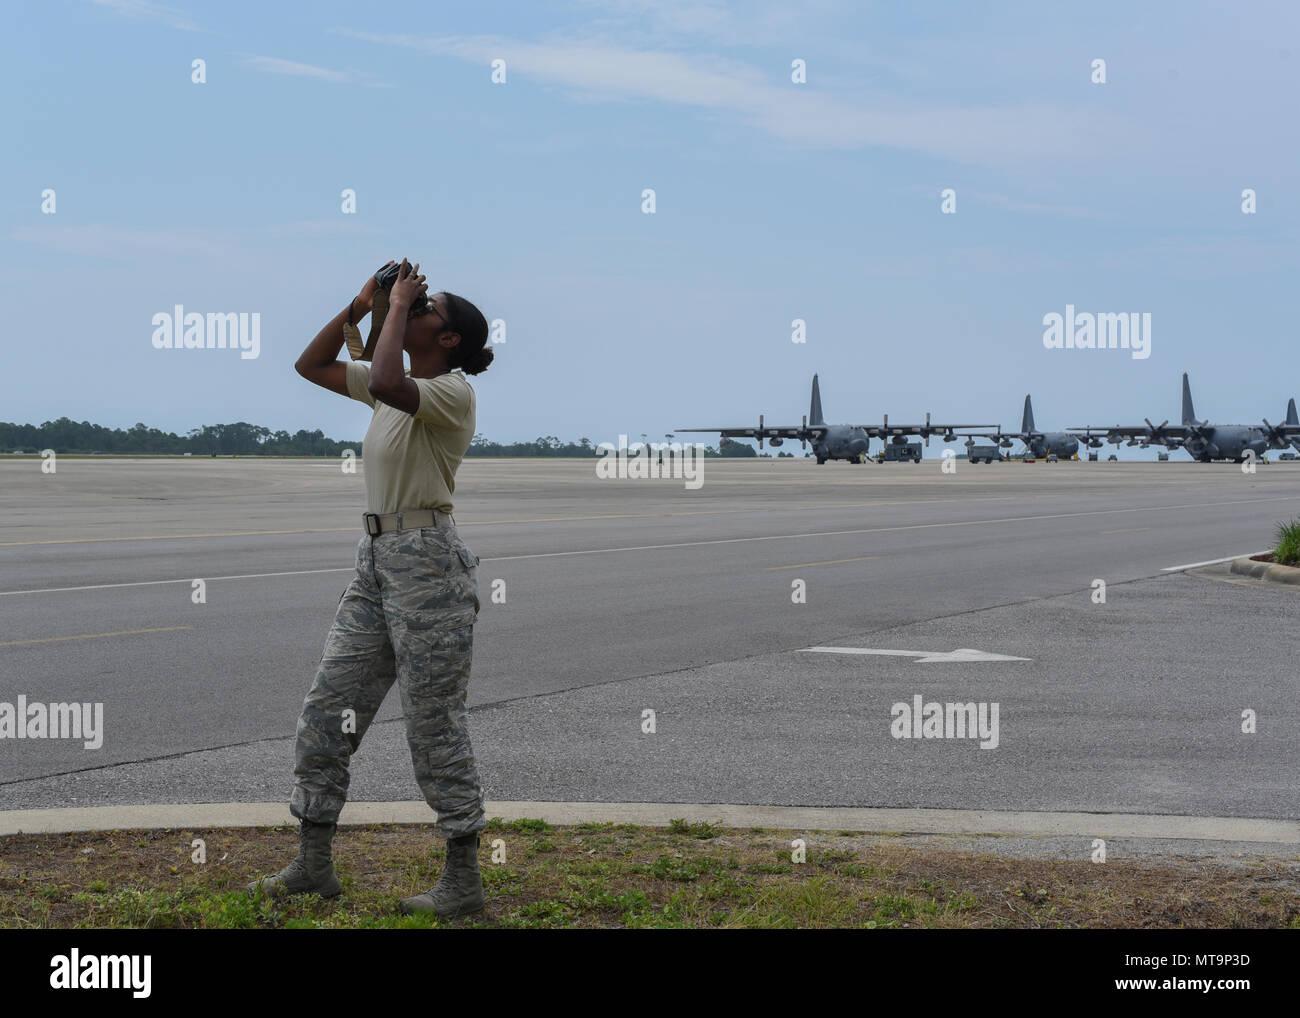 Laser Entfernungsmesser Fotografie : Laser rangefinder stockfotos bilder alamy